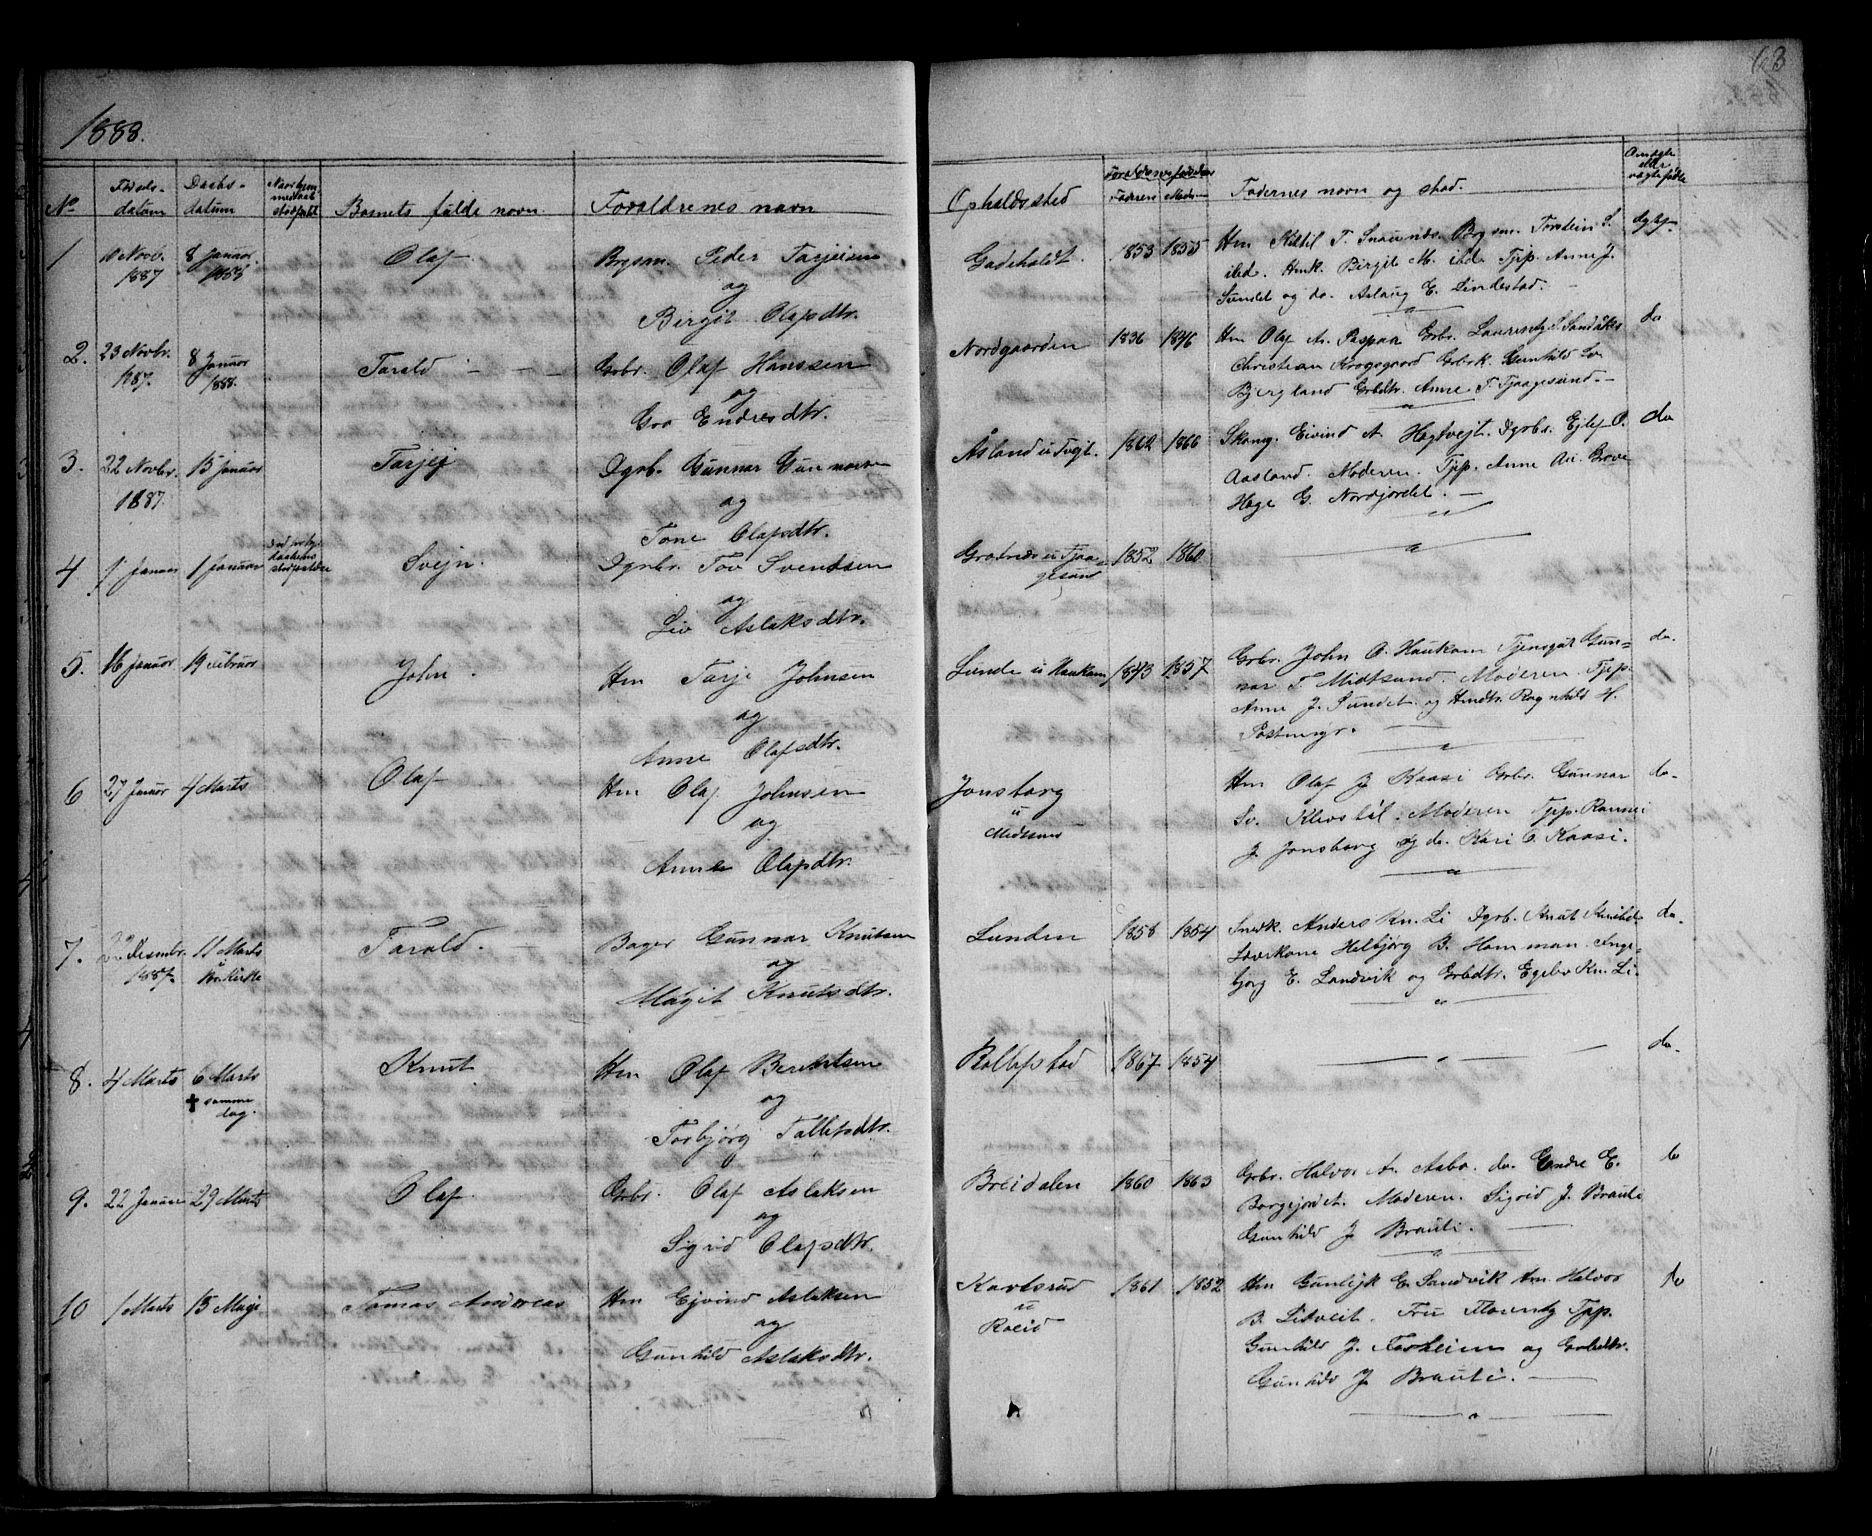 SAKO, Kviteseid kirkebøker, G/Ga/L0001: Klokkerbok nr. I 1, 1850-1893, s. 63